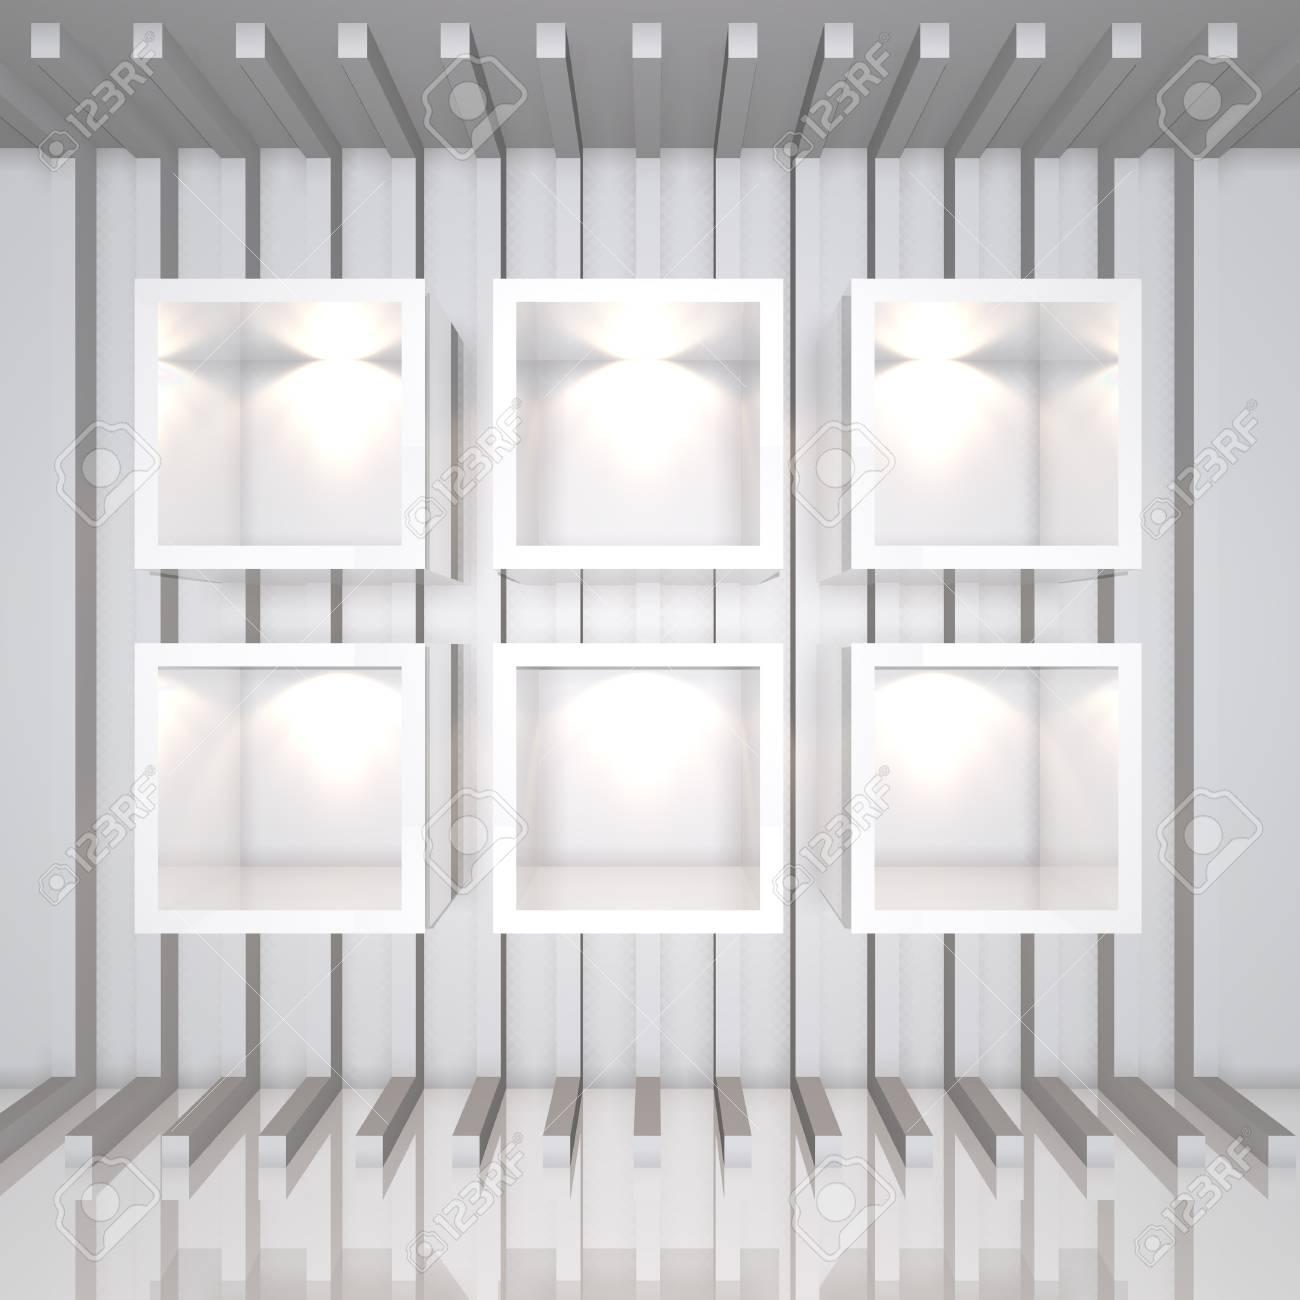 Liebenswert Weißes Regal Sammlung Von 3d-weiße Regale Und Für Wrap Werbung Auf